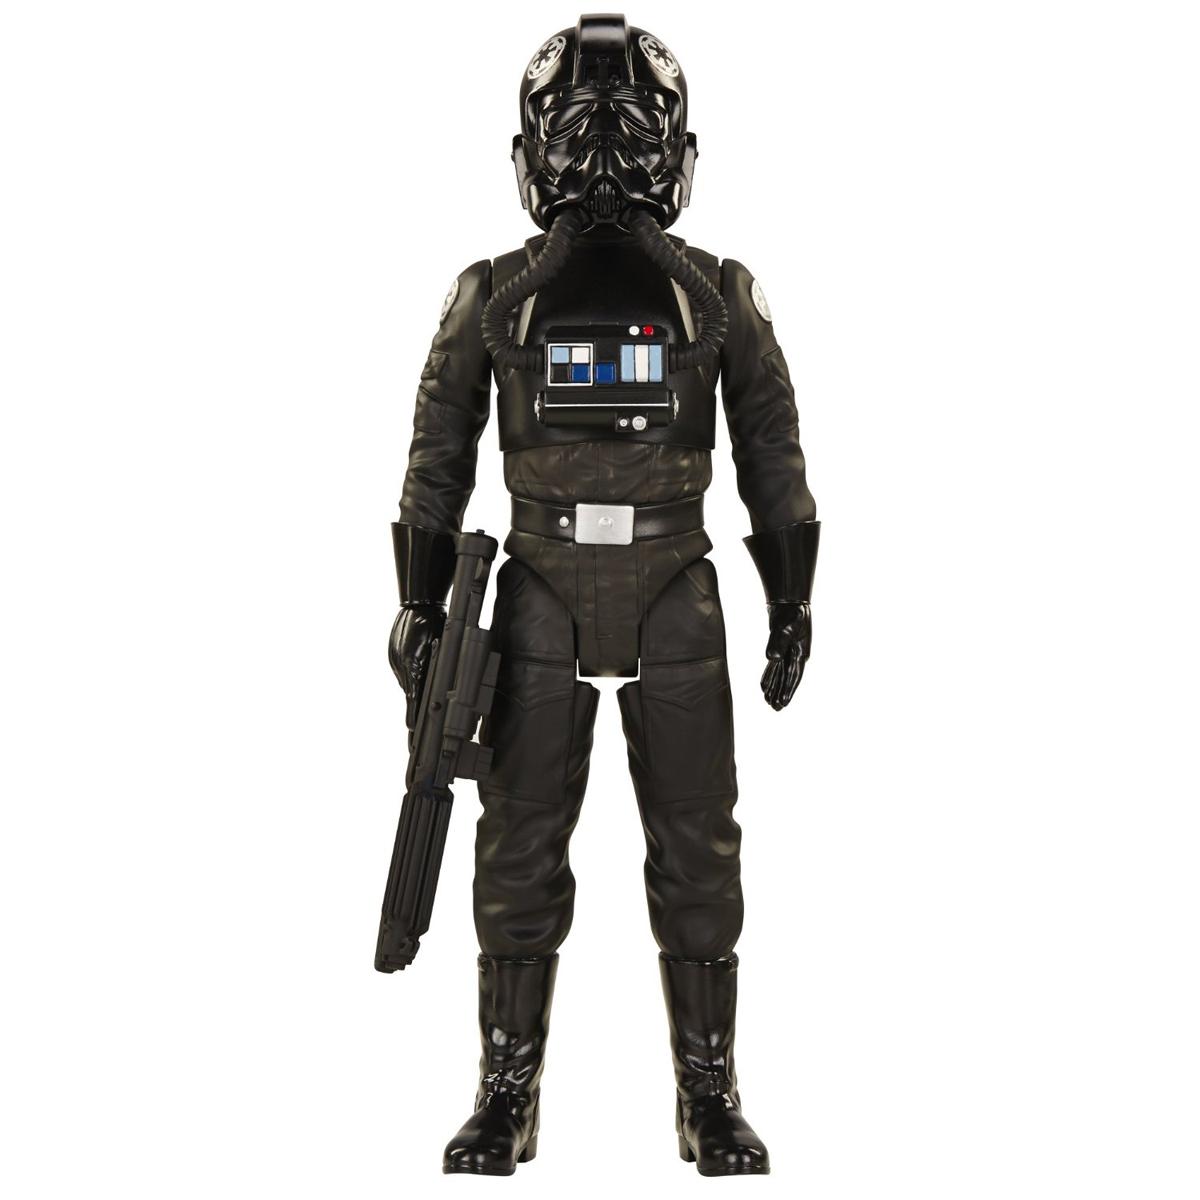 Большая фигурка пилота. Воины Повстанцев - Звёздные воиныИгрушки Star Wars (Звездные воины)<br>Большая фигурка пилота. Воины Повстанцев - Звёздные воины<br>